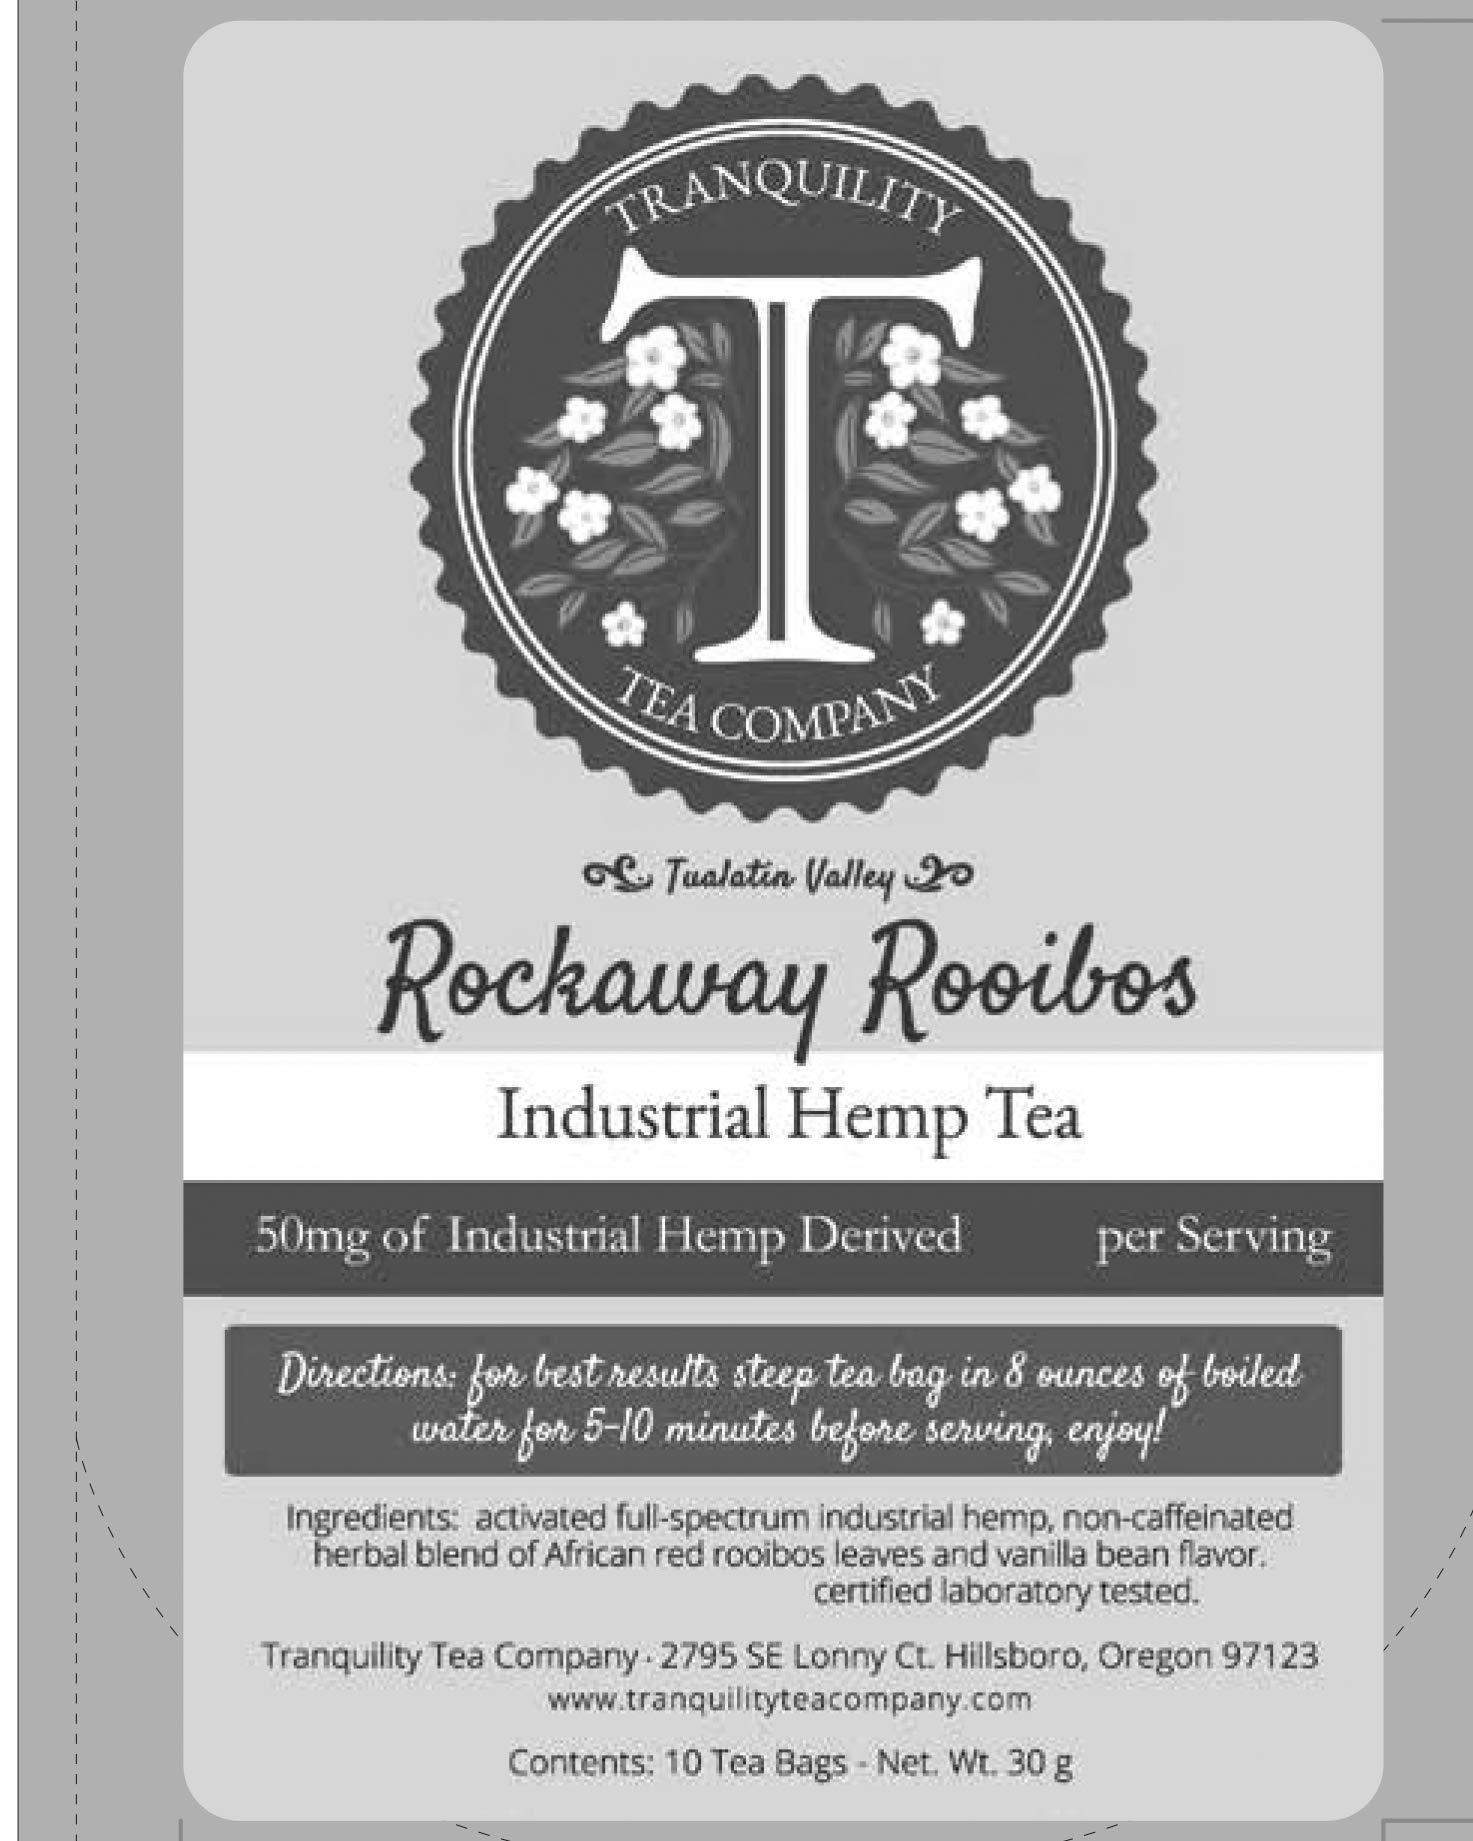 Rockaway Rooibos (10 pack) Tranquility Hemp Tea